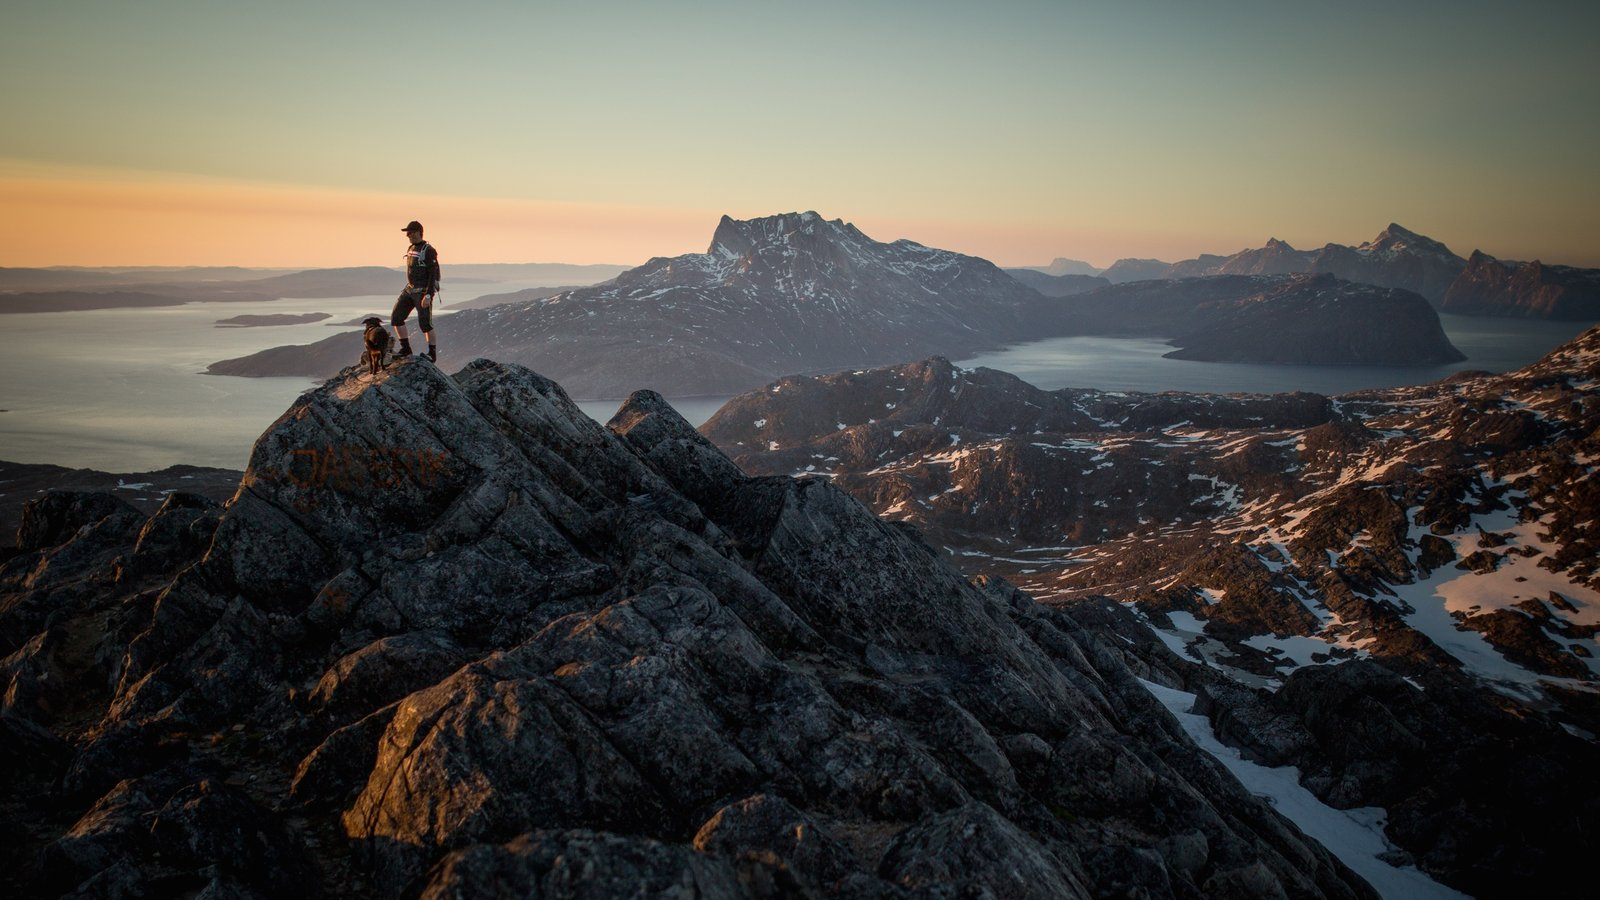 Groenlandia que incluye nieve, montañas y senderismo o caminata